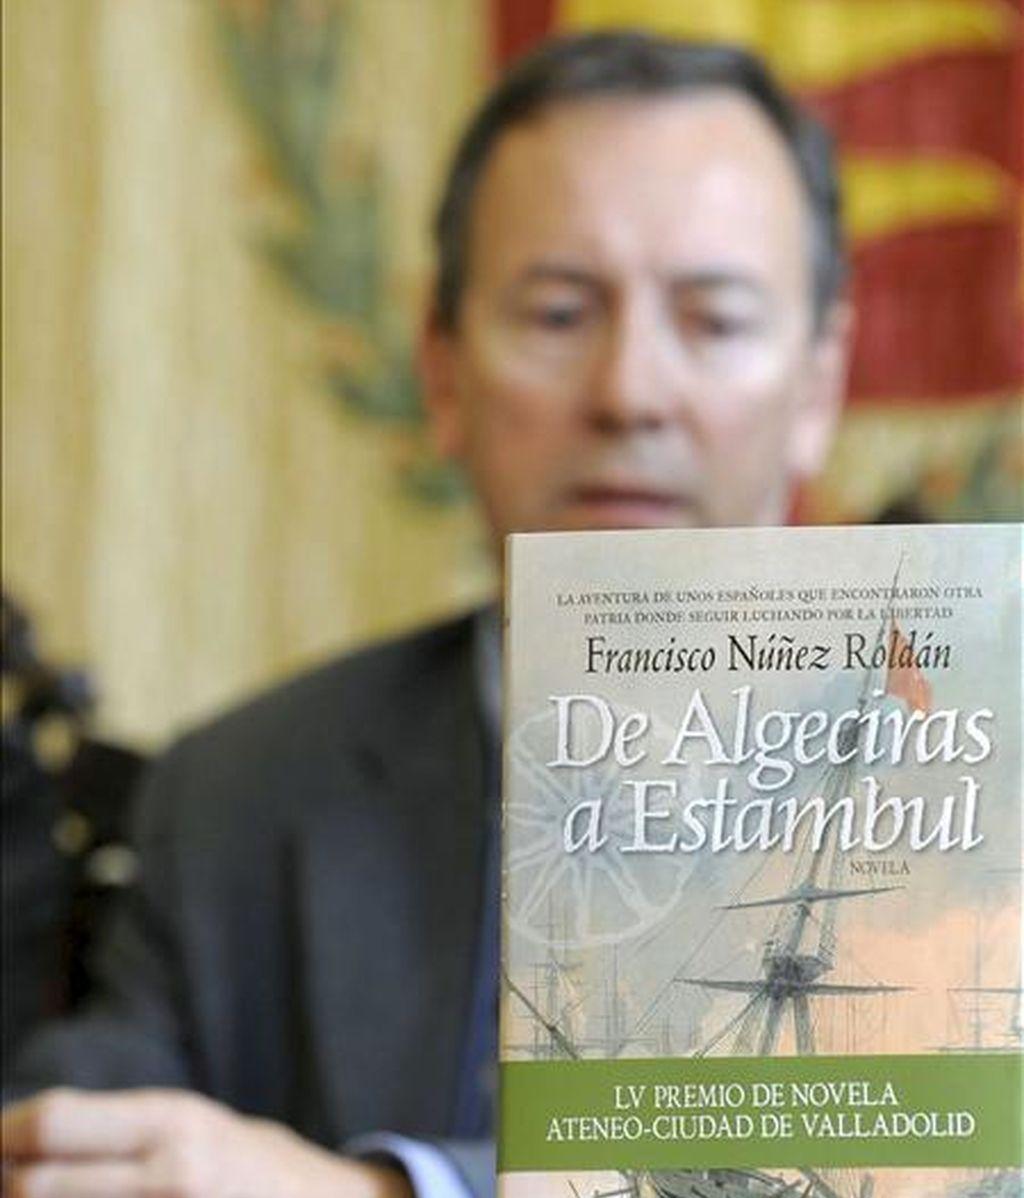 """El escritor Francisco Núñez Roldán, durante la presentación del relato """"De Algeciras a Estambul"""", ganador del 55 Premio de Novela Ateneo-Ciudad de Valladolid, el pasado 15 de abril. EFE/Archivo"""